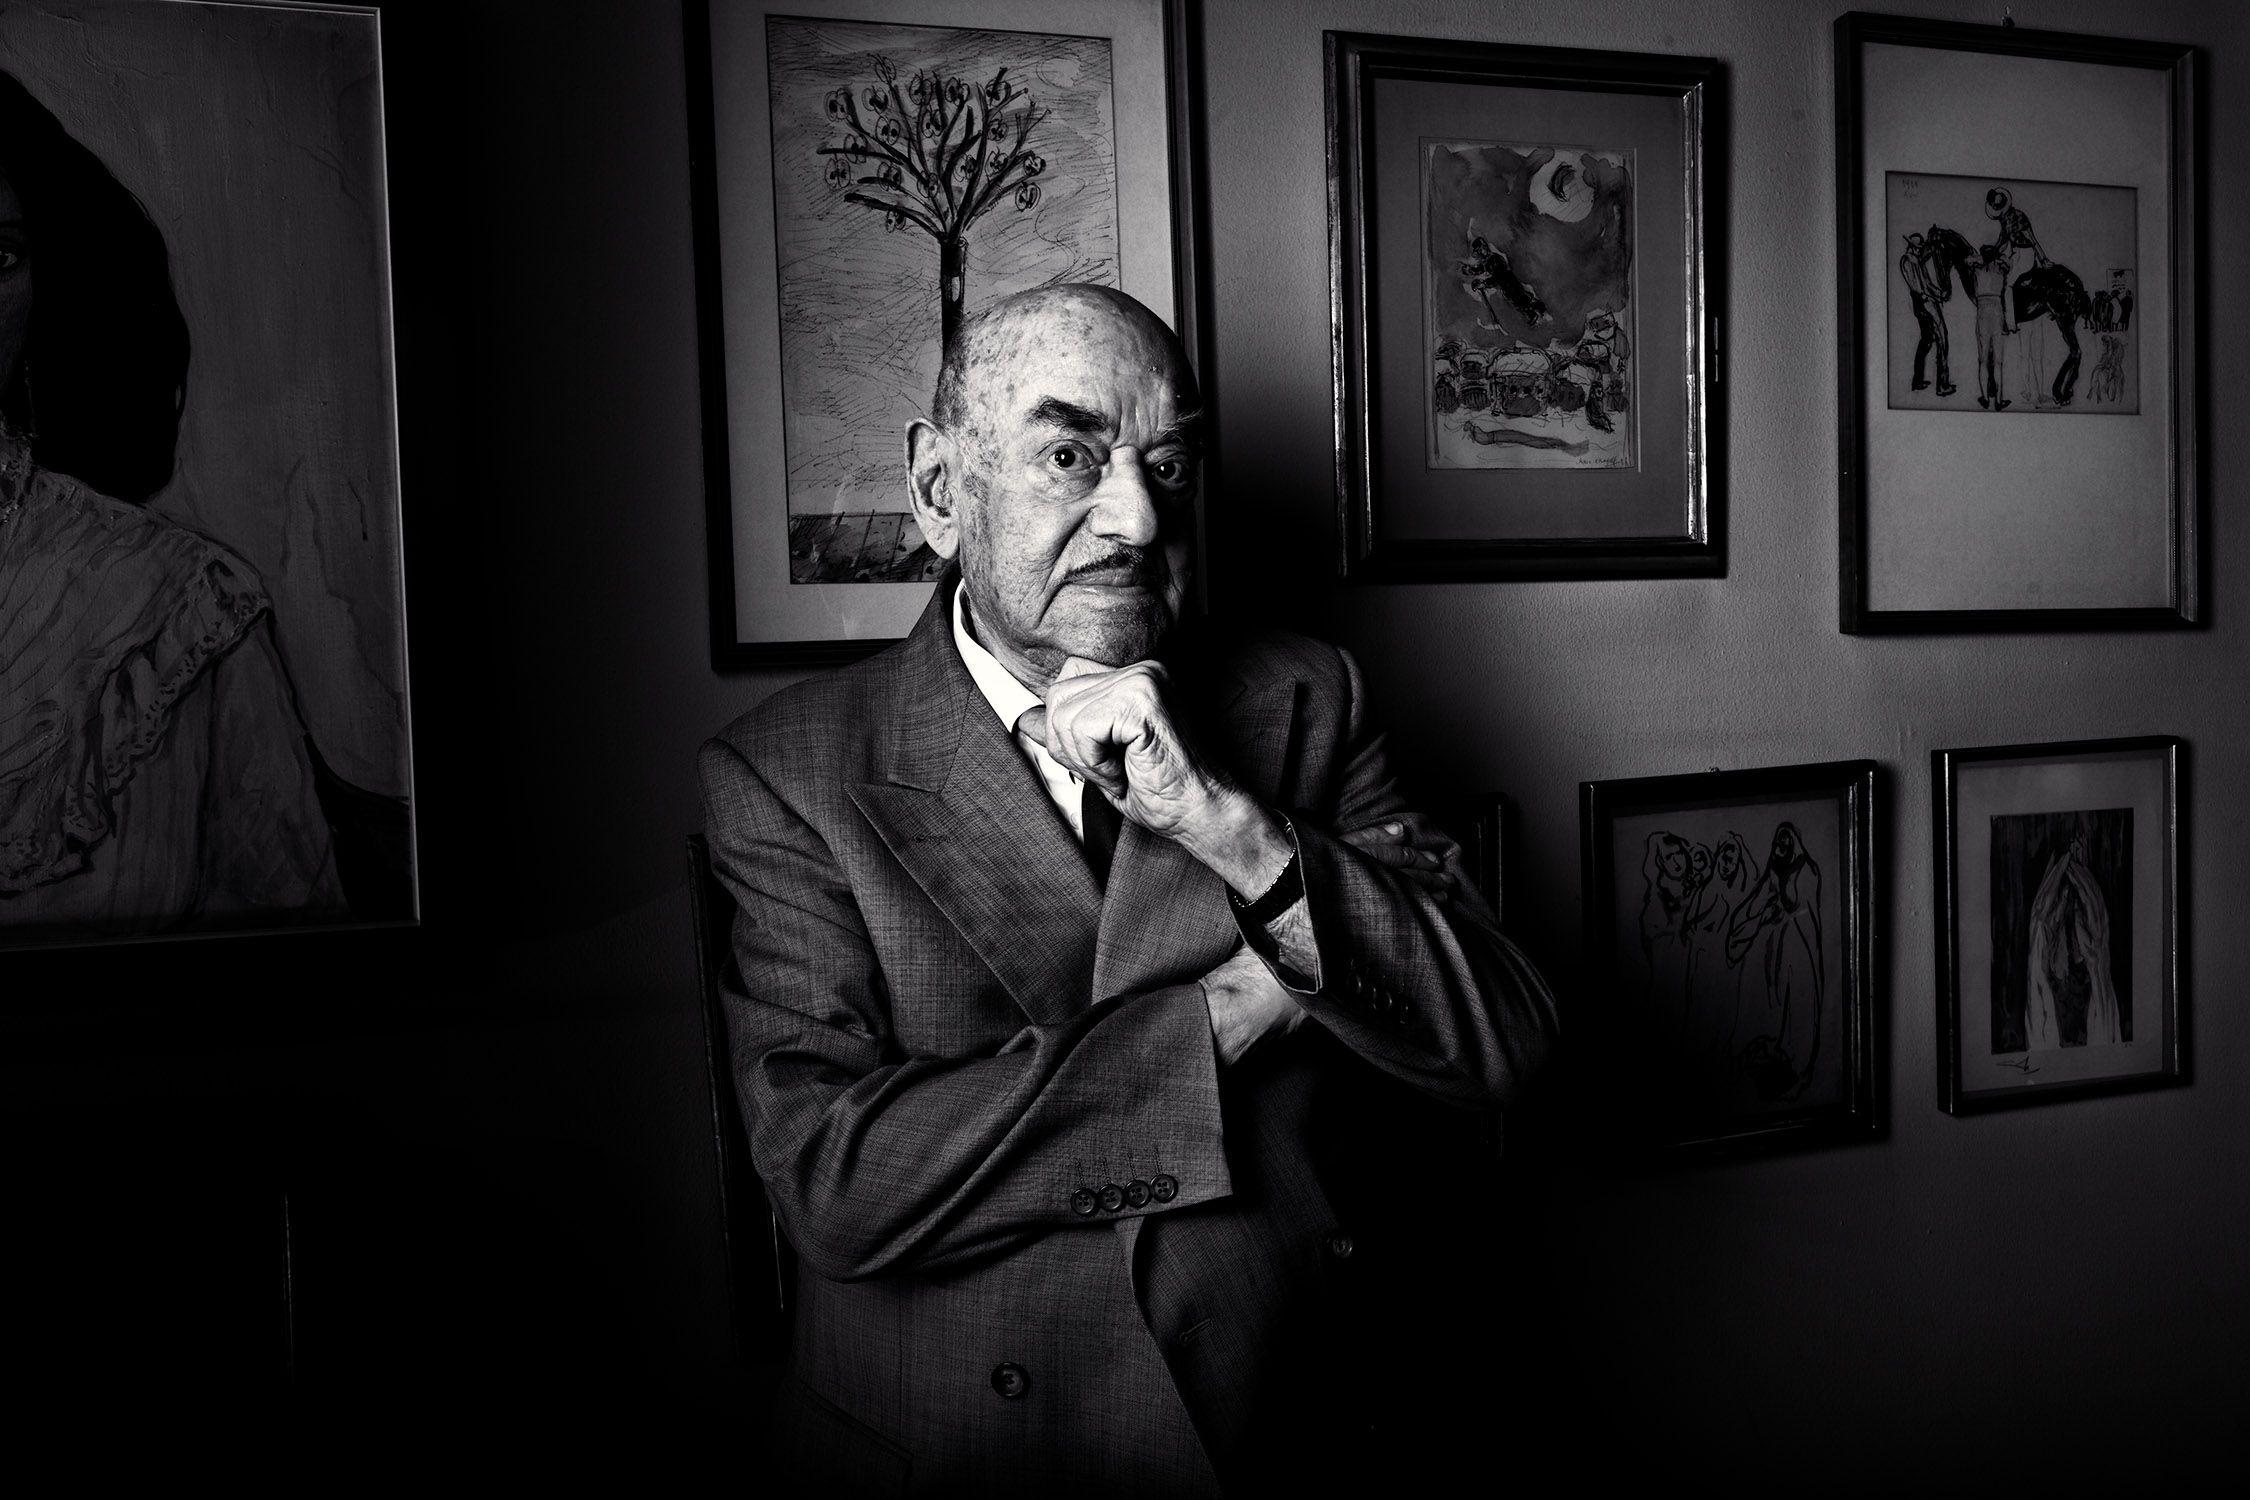 Artur Brauner